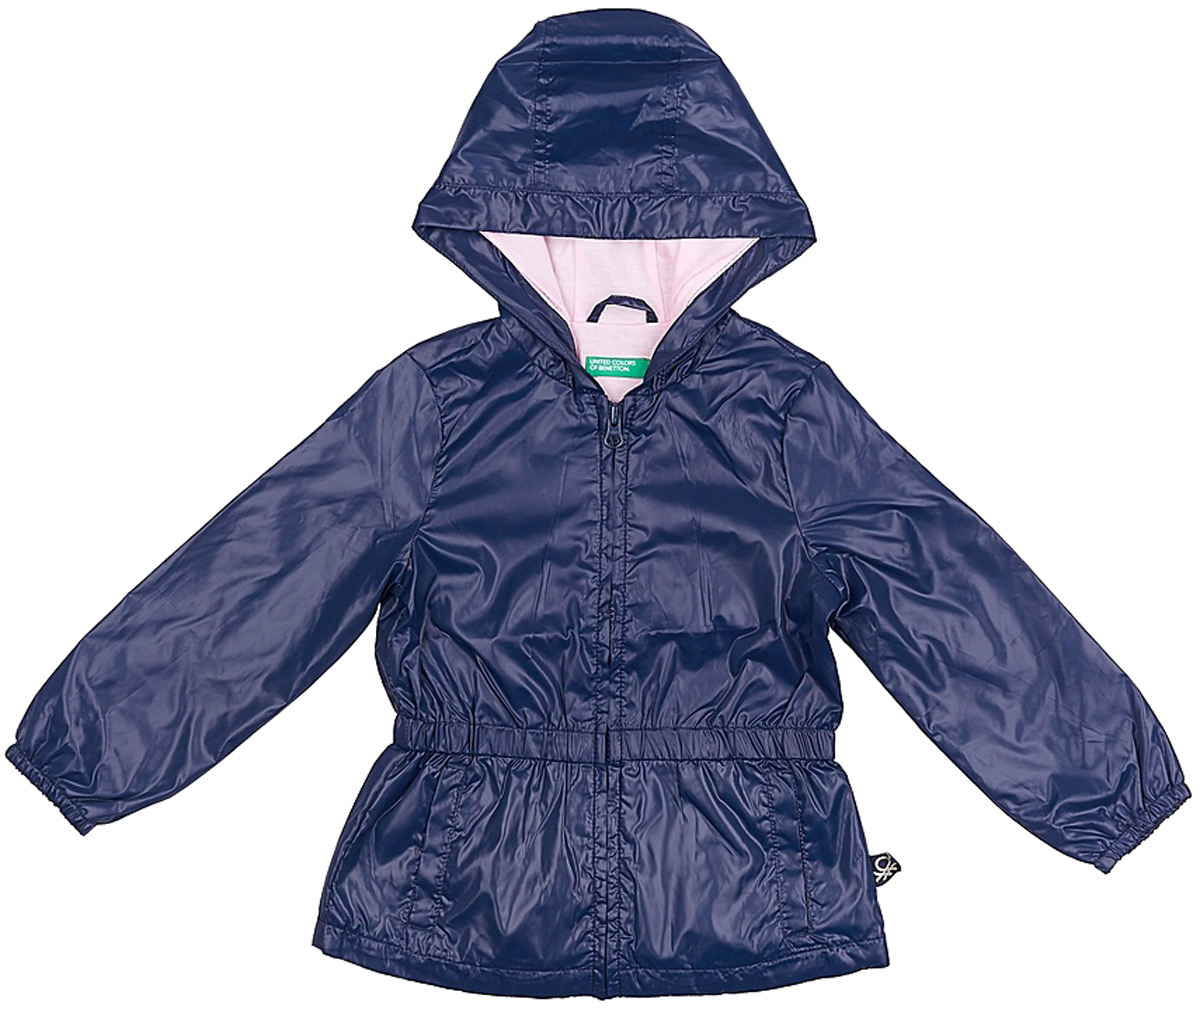 Куртка для девочек United Colors of Benetton, цвет: синий. 2EO053BX0_13C. Размер 1402EO053BX0_13CЛегкая куртка от United Colors of Benetton выполнена из высококачественного полиэстера на хлопковом подкладе. Модель с длинными рукавами и капюшоном застегивается на молнию, по бокам дополнена втачными карманами.